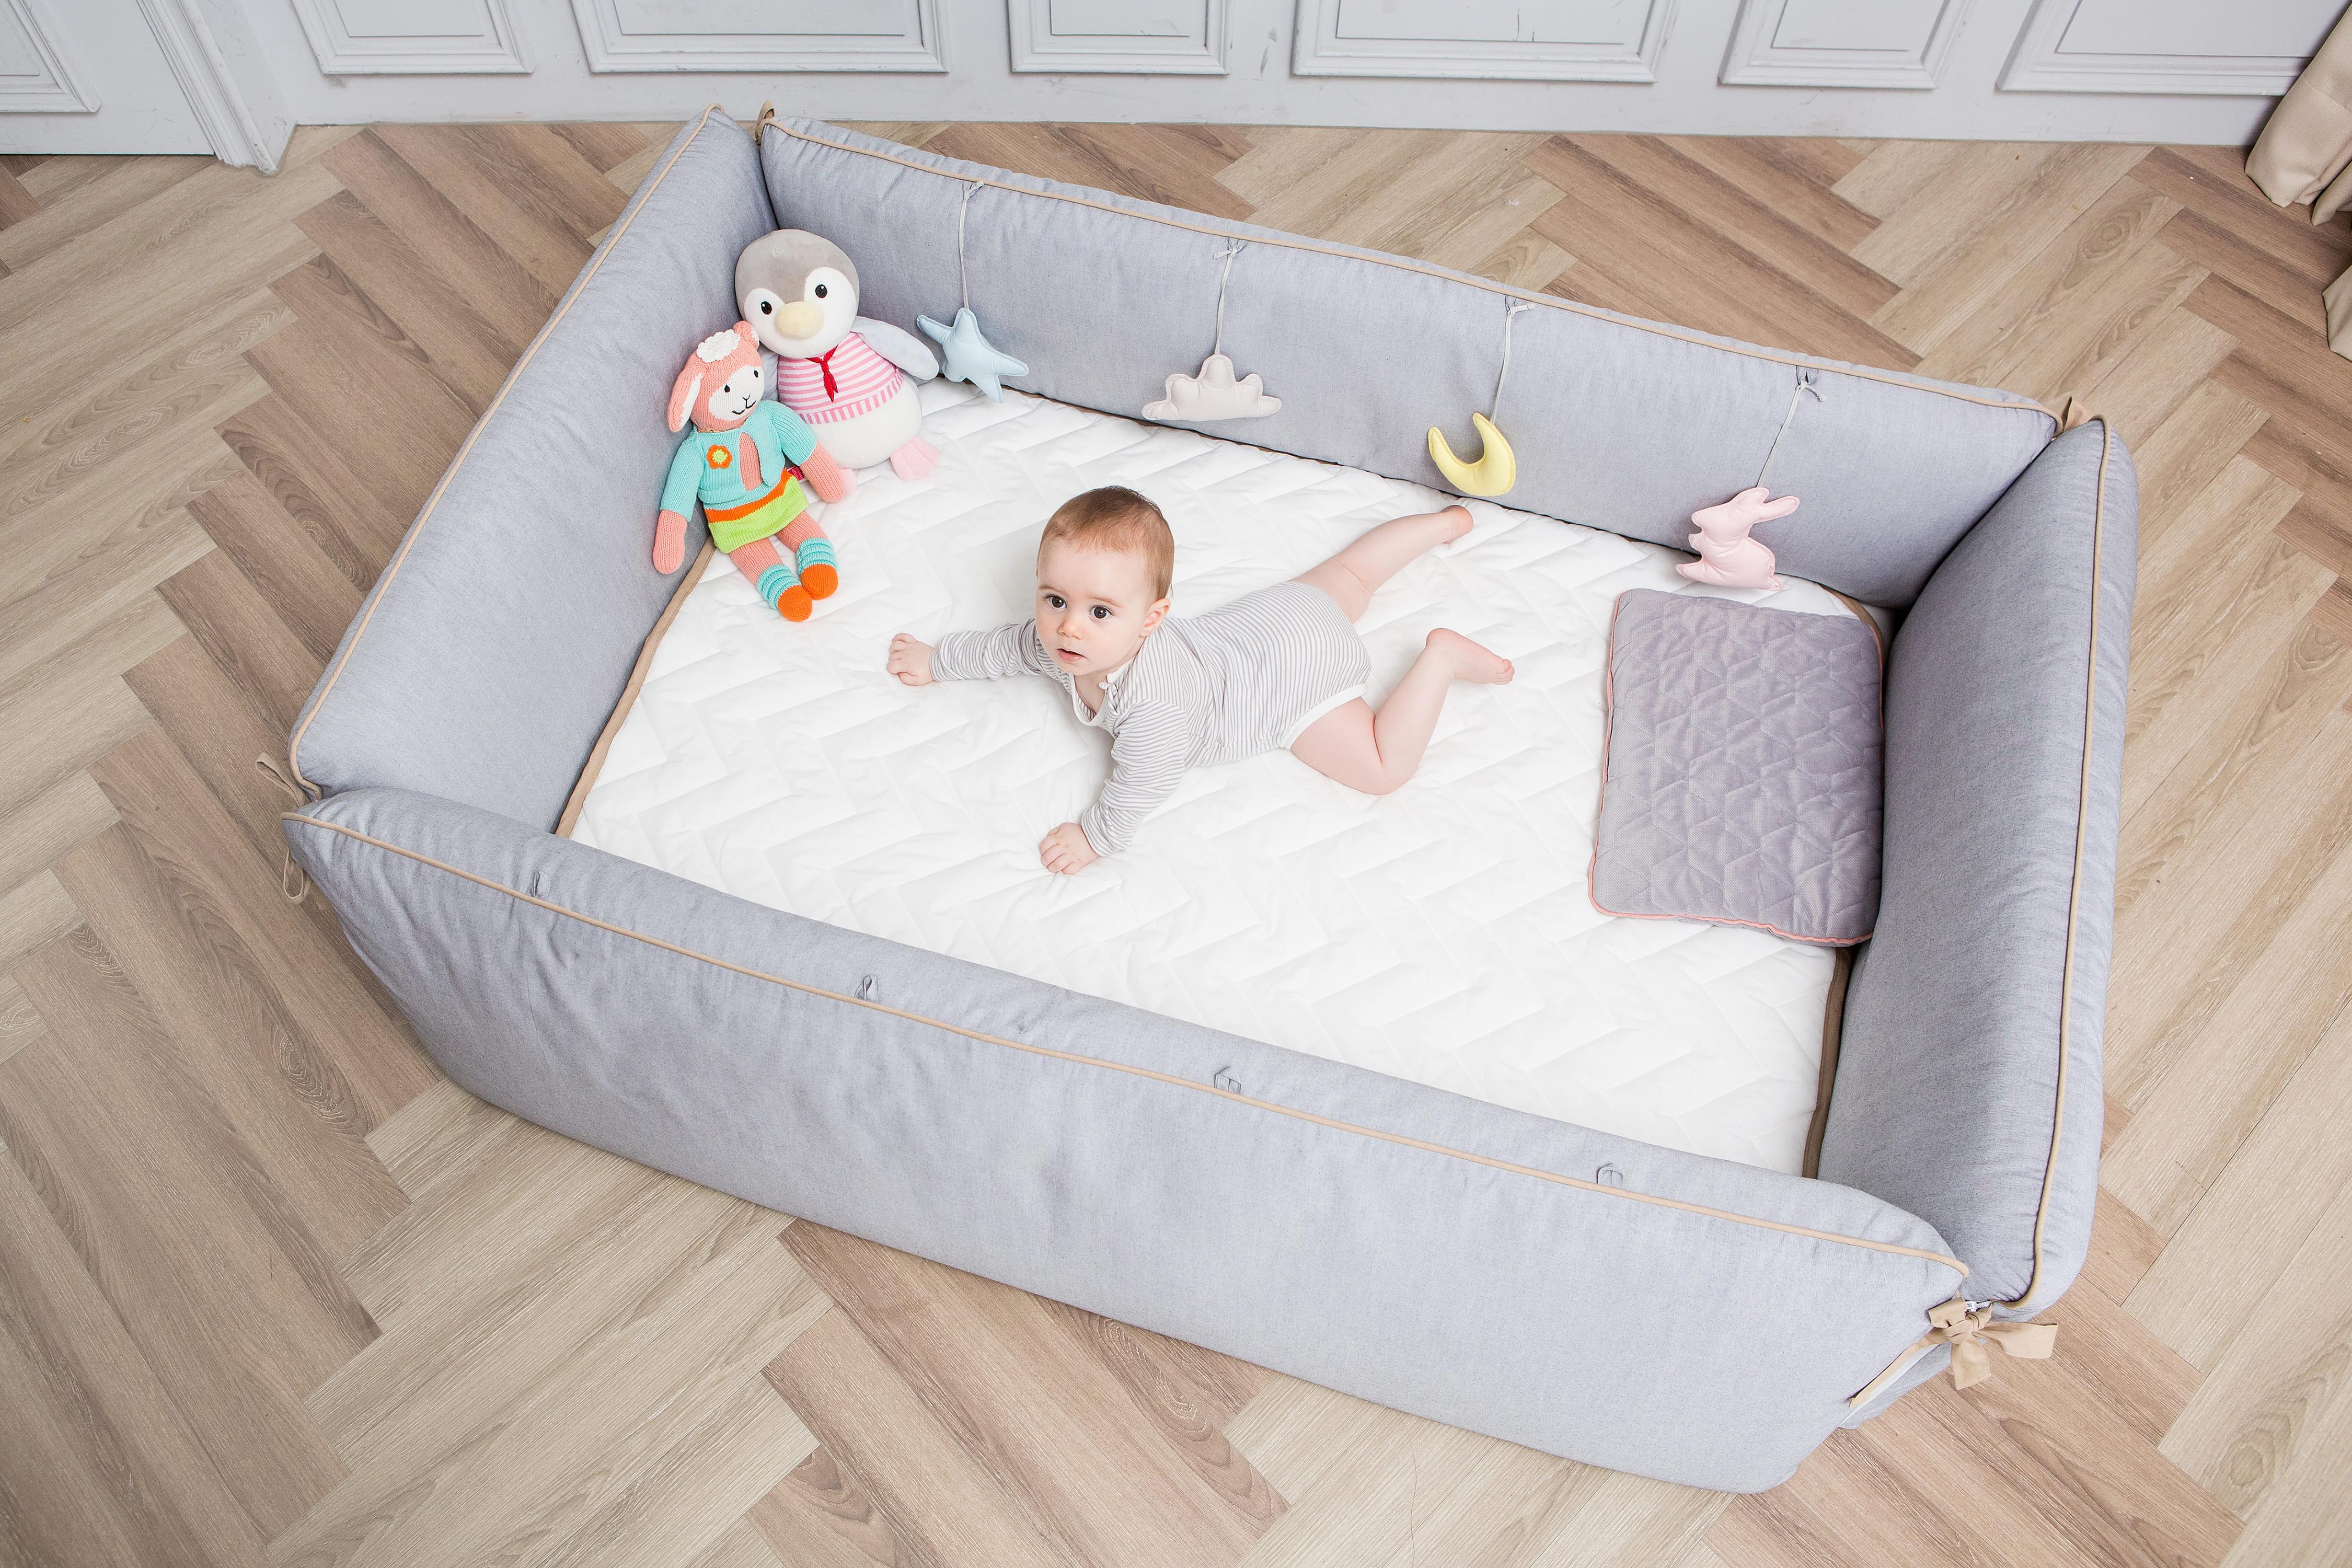 gunite嬰兒床一體成形不卡手腳